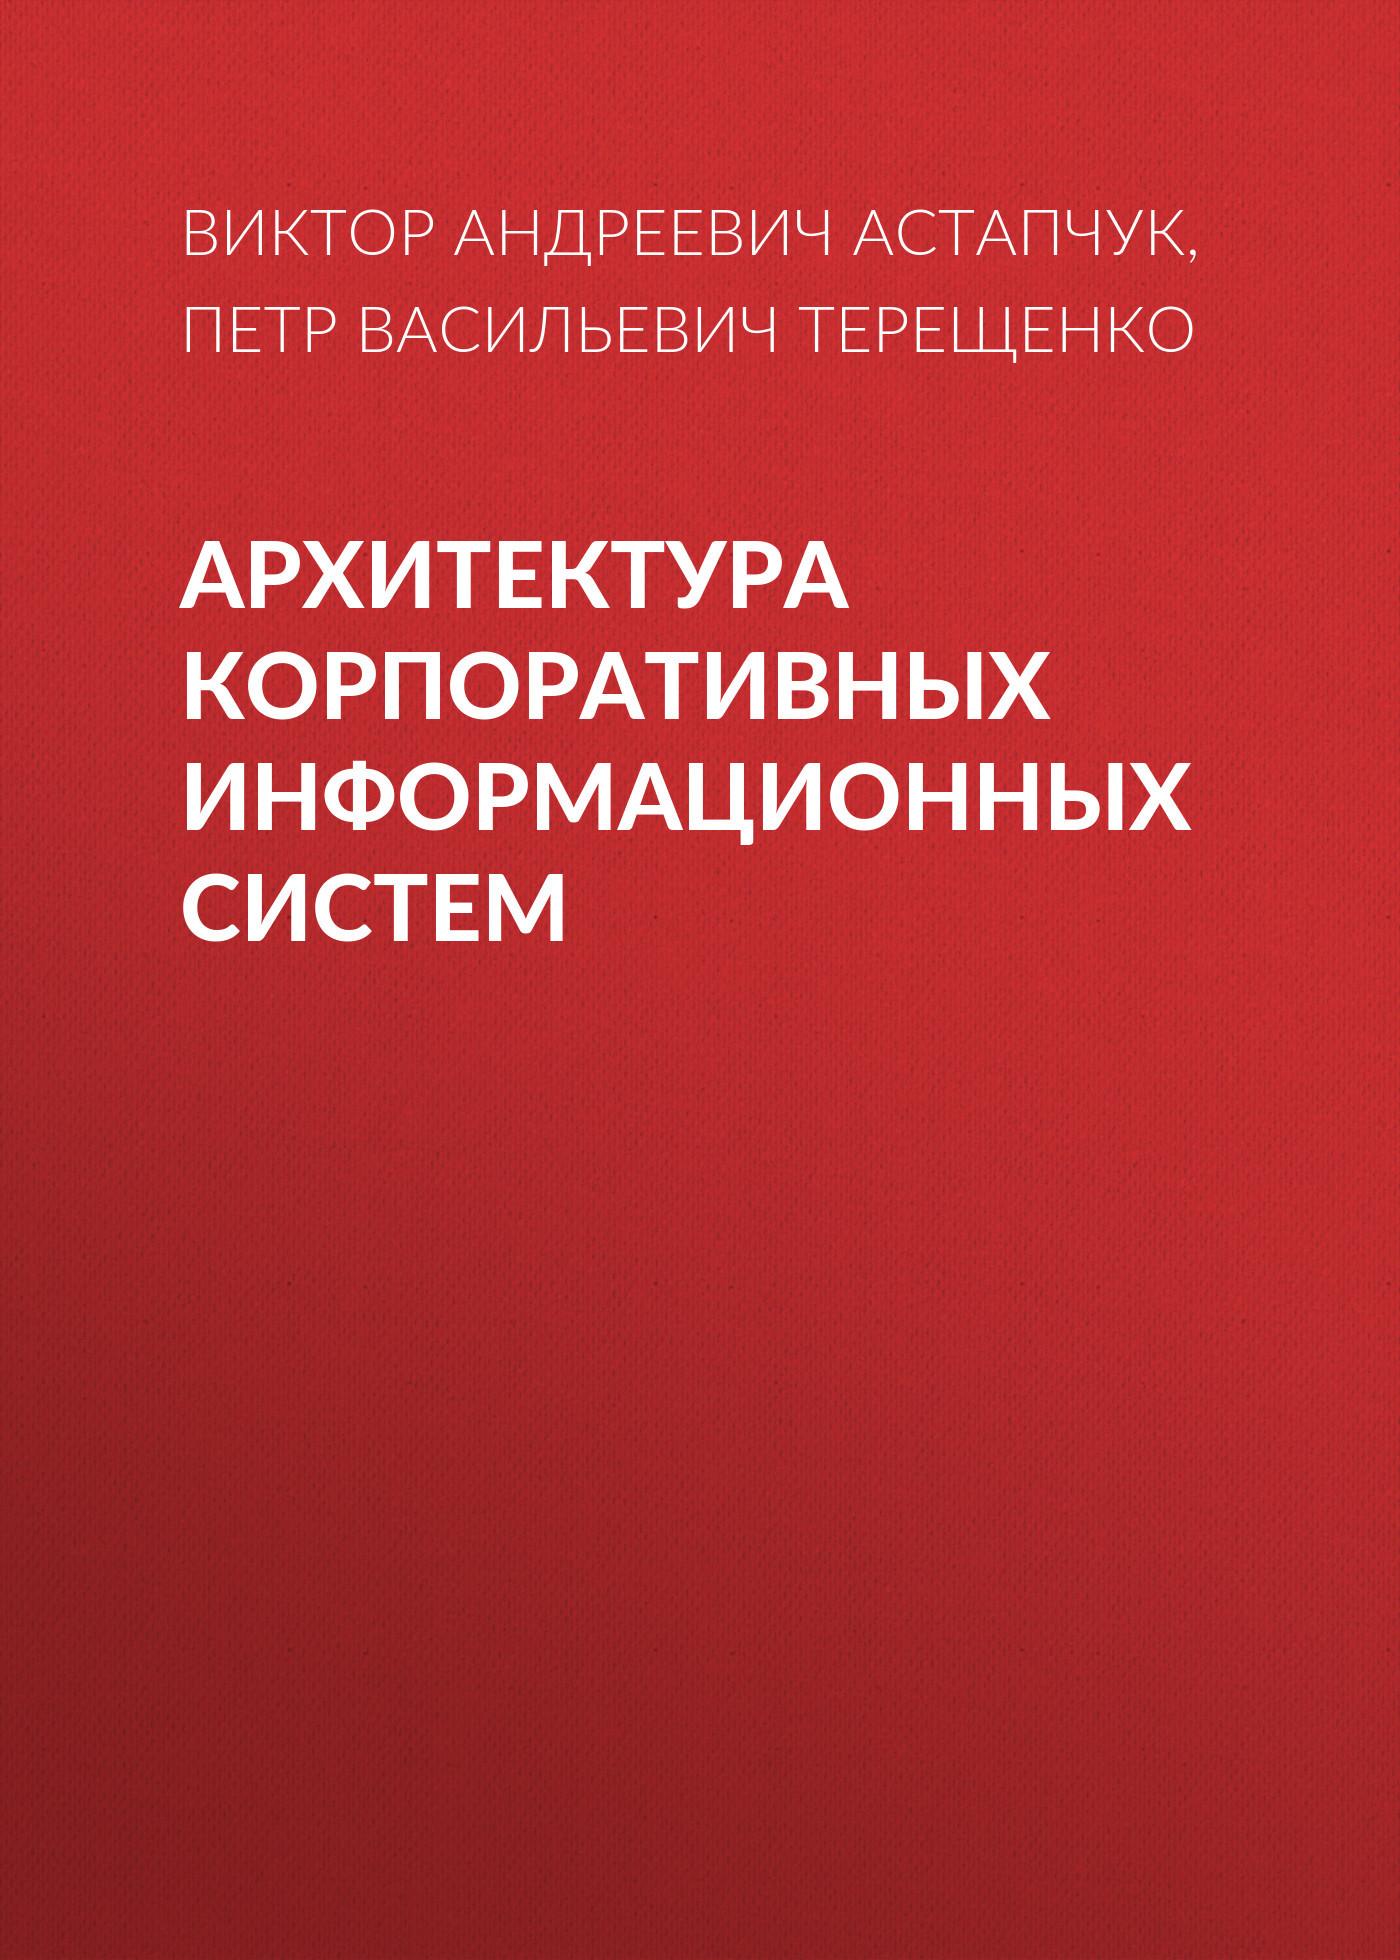 Петр Васильевич Терещенко Архитектура корпоративных информационных систем ISBN: 978-5-7782-2698-2 е а власова акторные модели корпоративных информационных систем